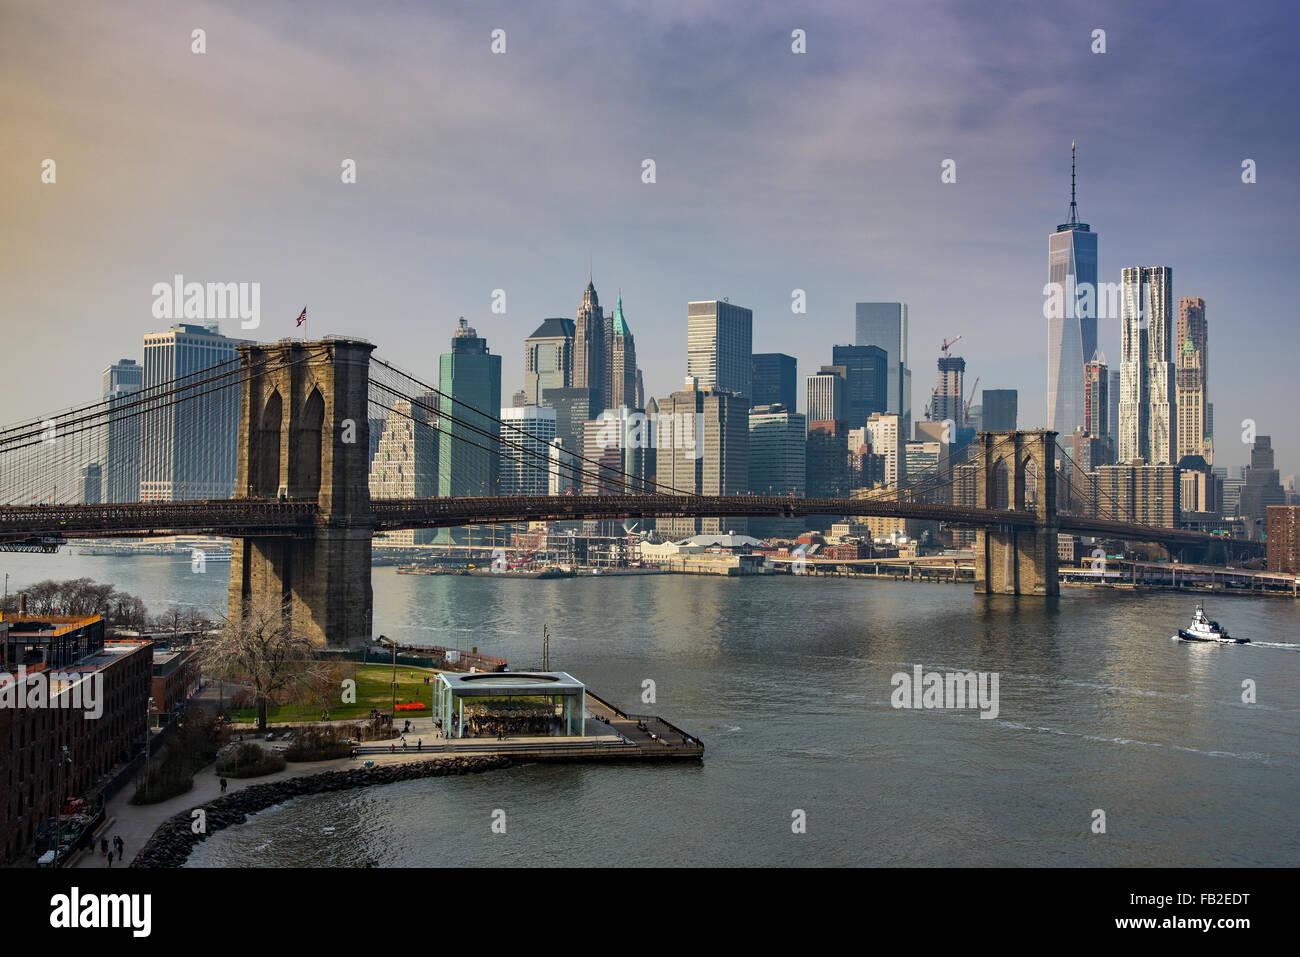 Ponte di Brooklyn e la parte inferiore dello skyline di Manhattan, New York, Stati Uniti d'America Immagini Stock